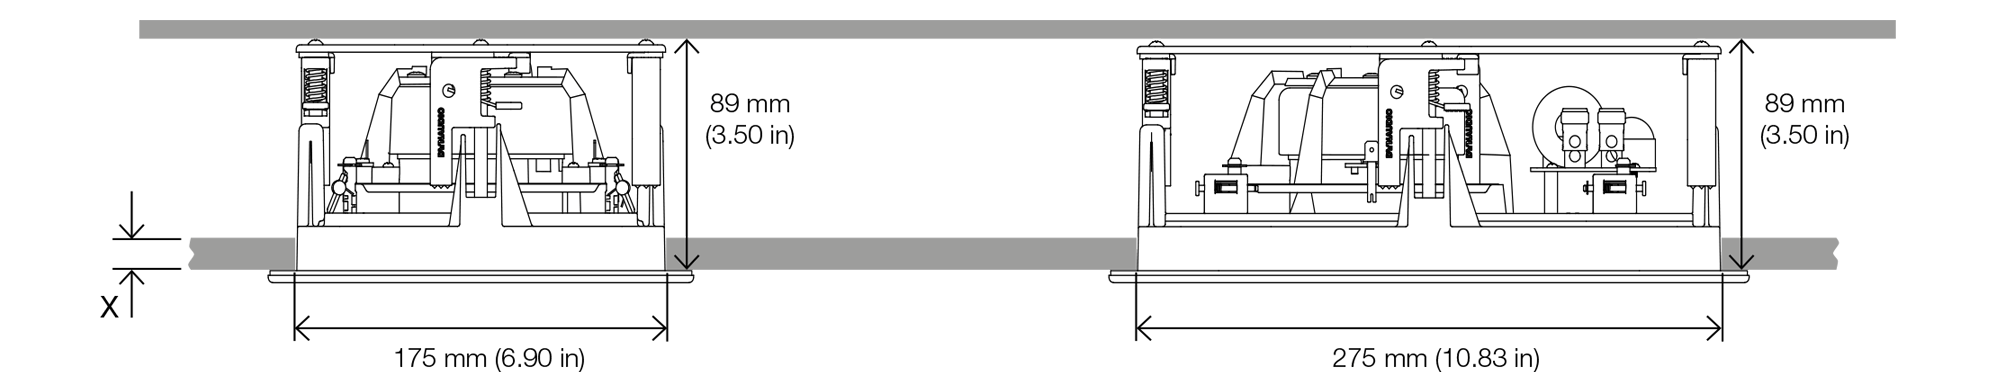 Dynaudio S4 SW65 Abmessungen